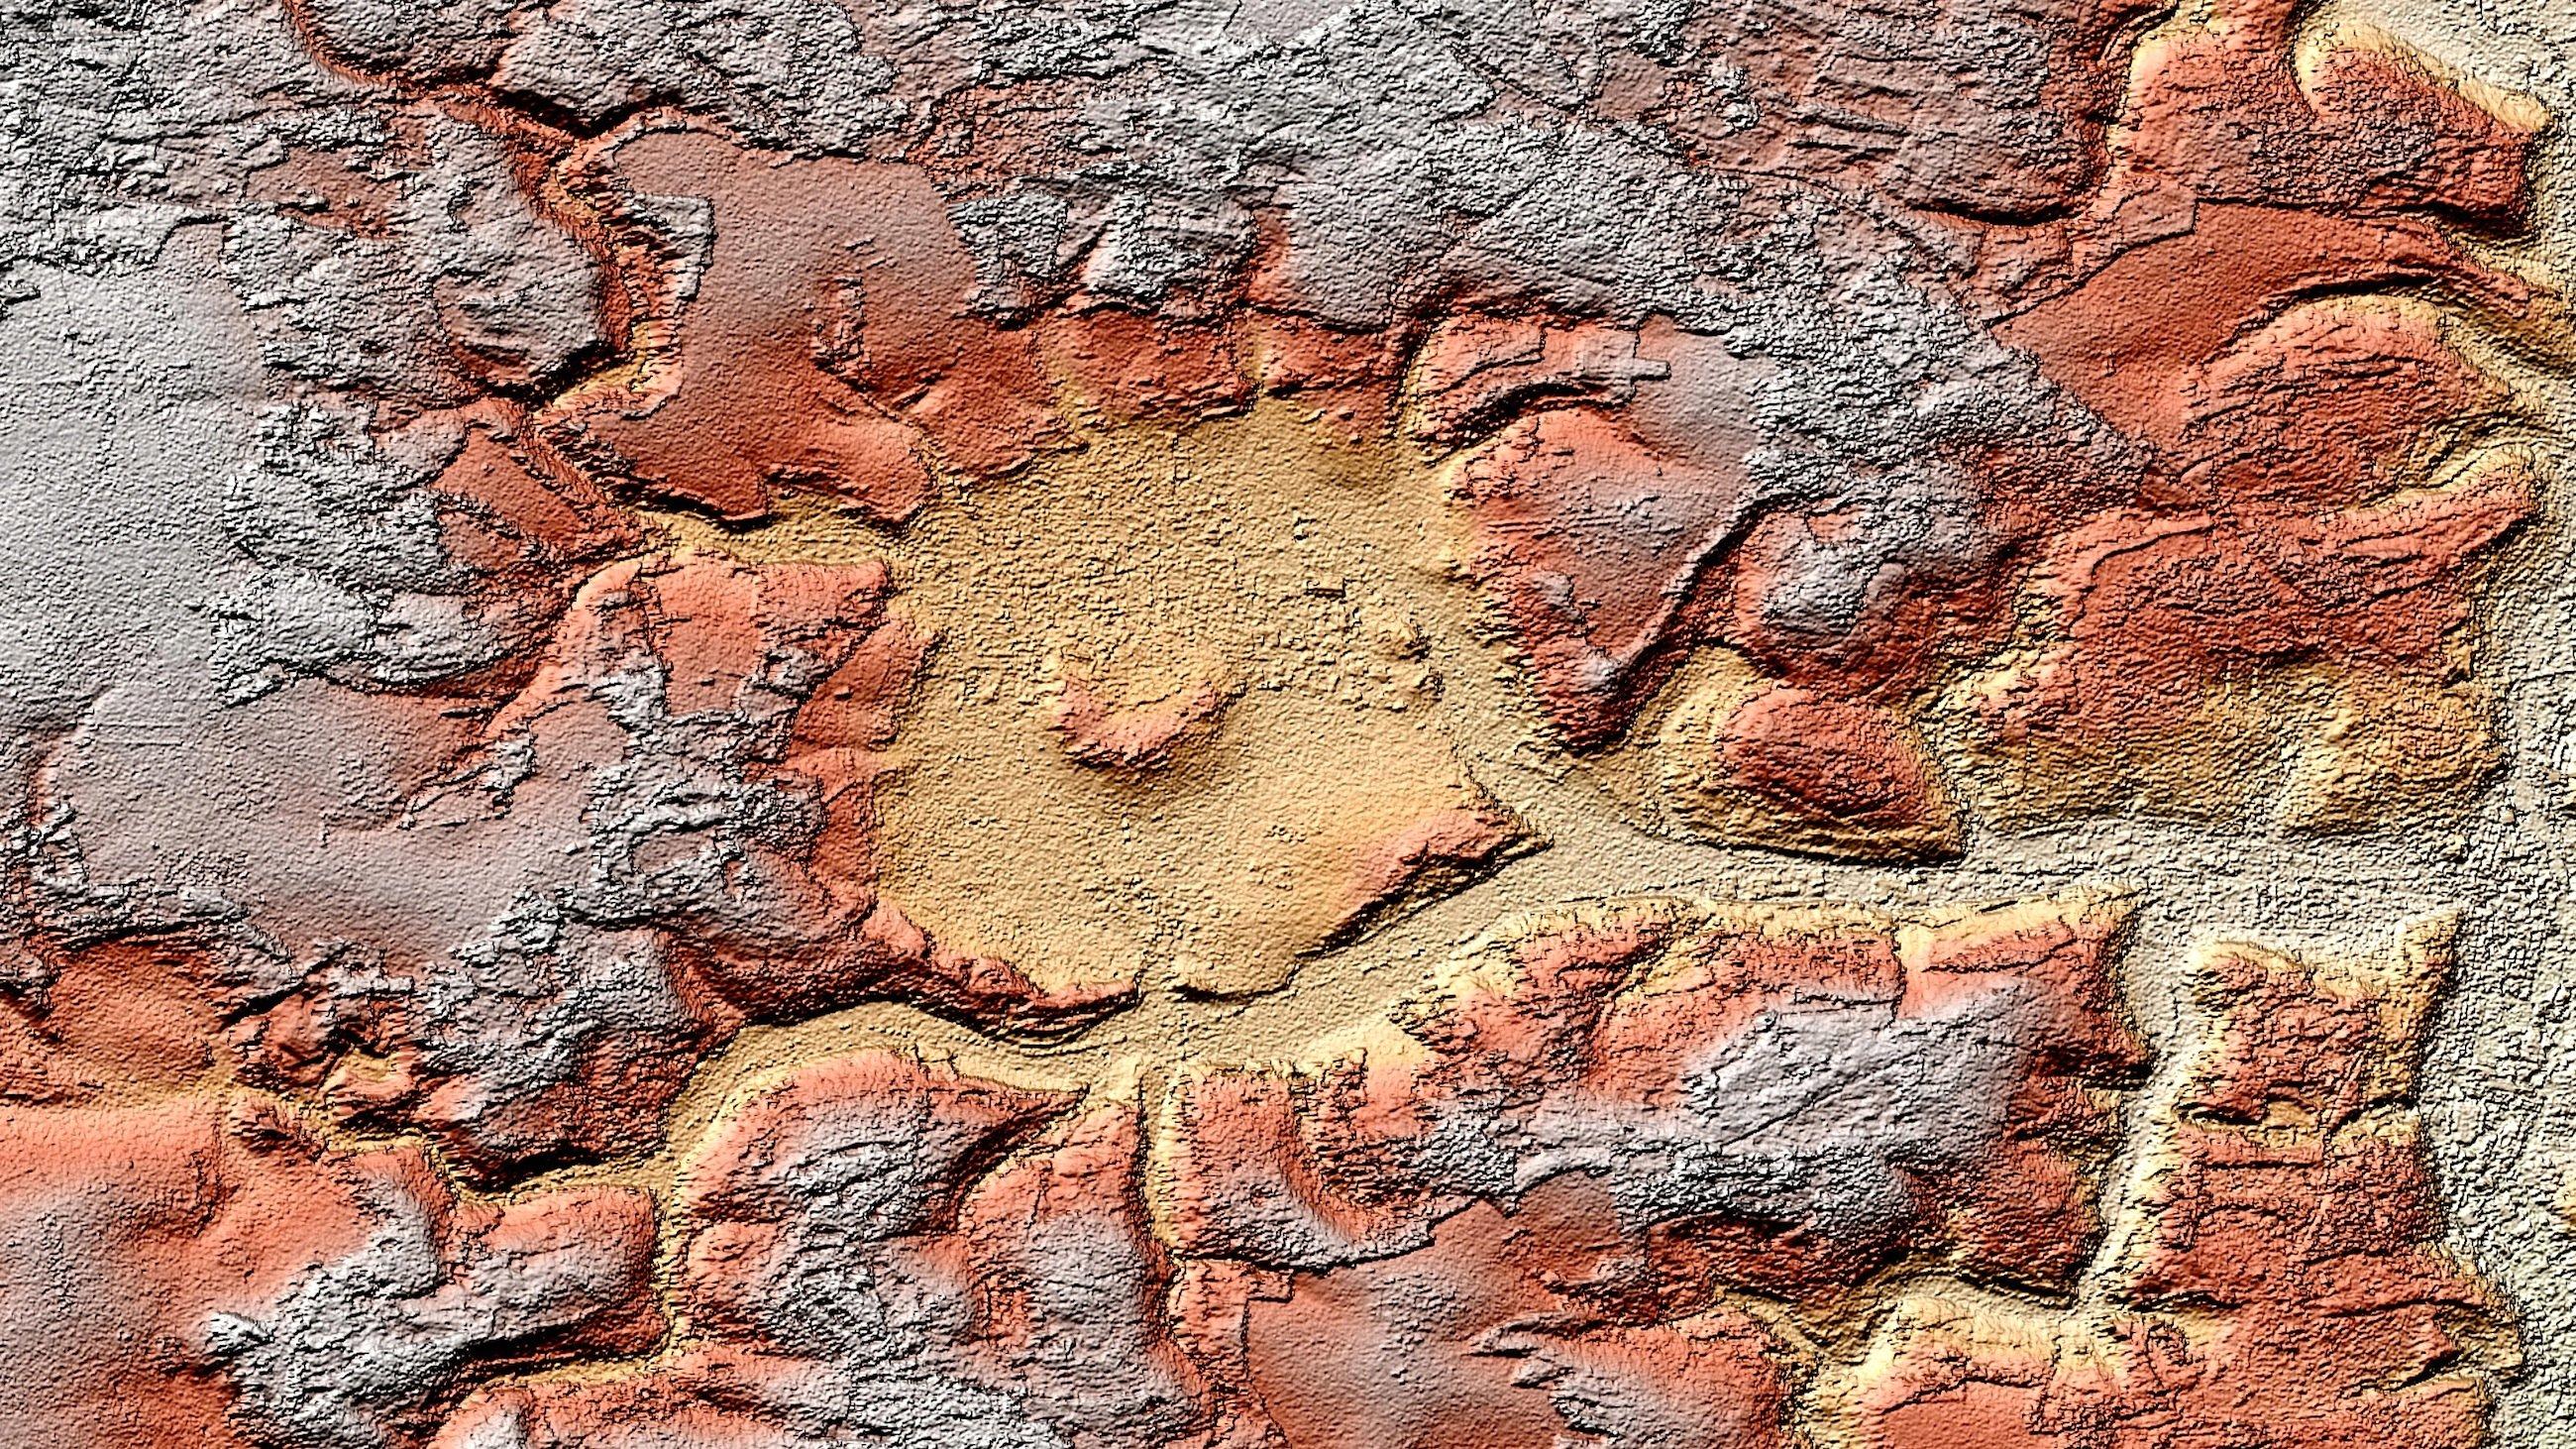 Das Steinheimer Becken in Baden-Württemberg hat einen deutlich sichtbaren Zentralberg. Beim Radarblick aus dem All mit den Satelliten TerraSAR-X und TanDEM-X hebt sich der Krater deutlich von den umliegenden Landwirtschafts- und Waldflächen ab.